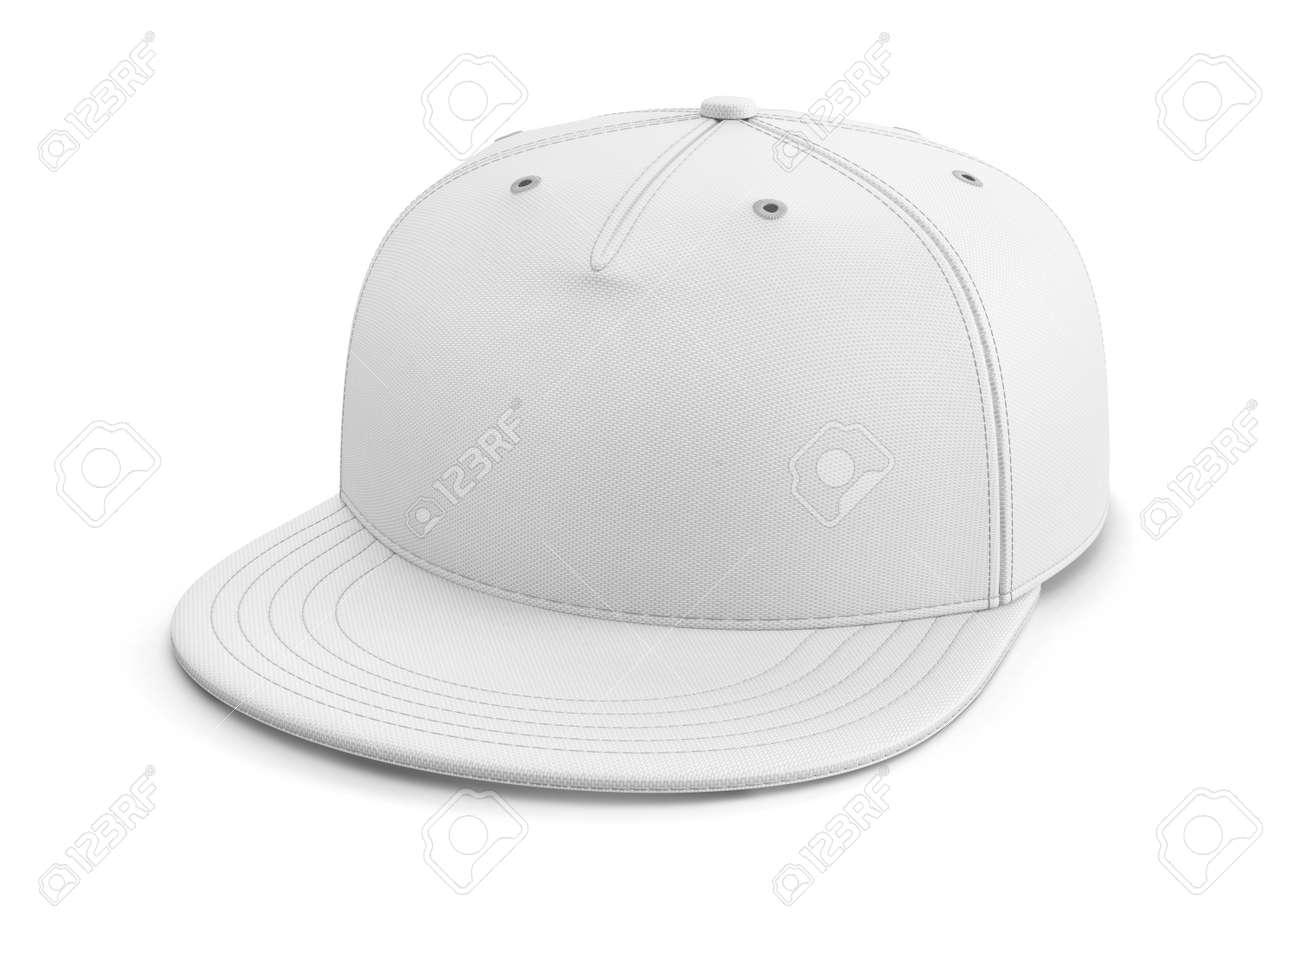 0c9440842eb Illustration - White empty baseball cap or snapback isolated on white  background. 3D illustration.